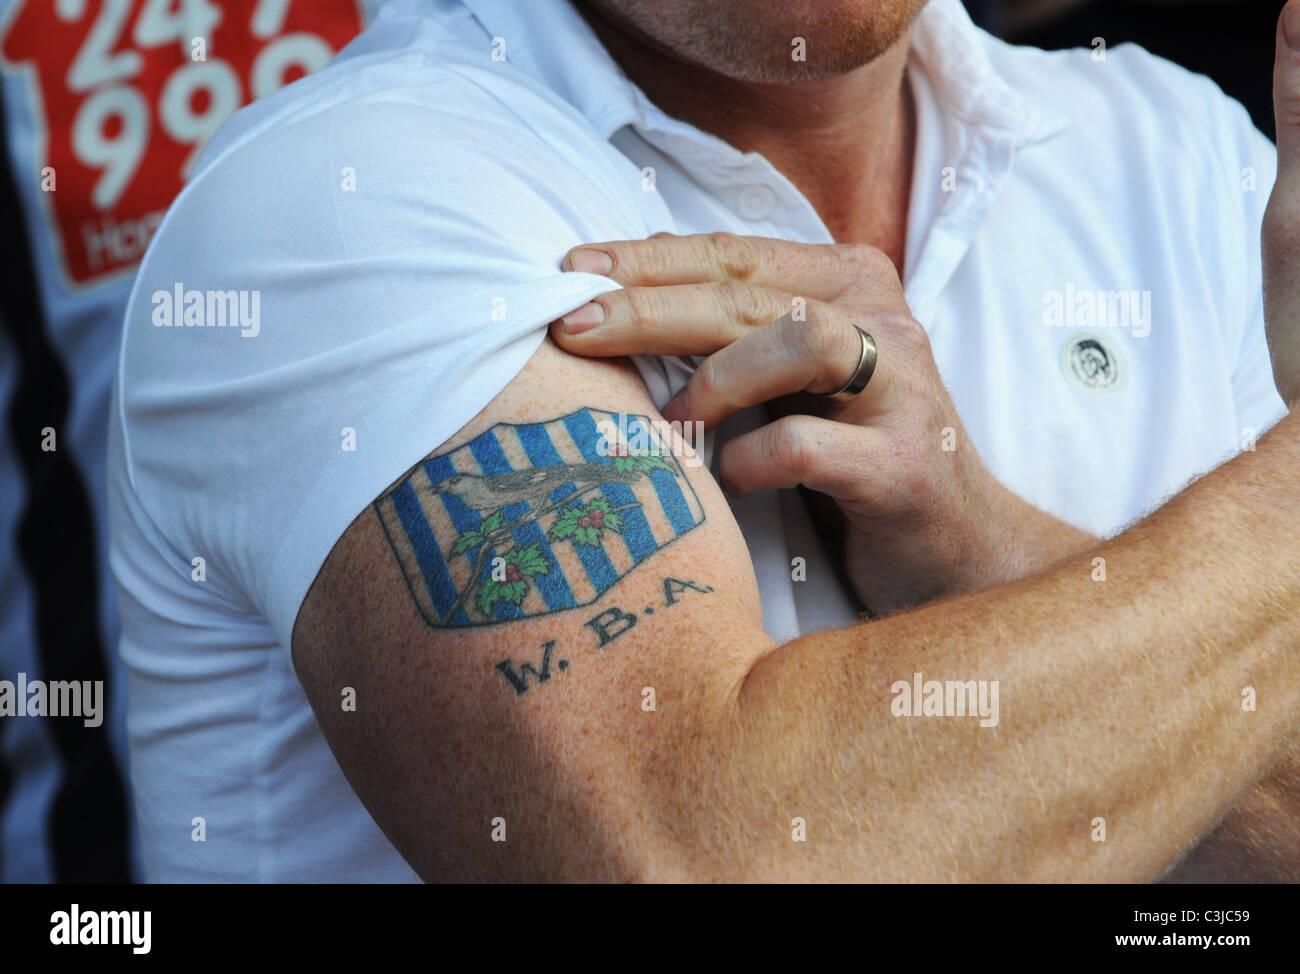 Fussball Anhanger Mit Seinem Verein Abzeichen Tattoo